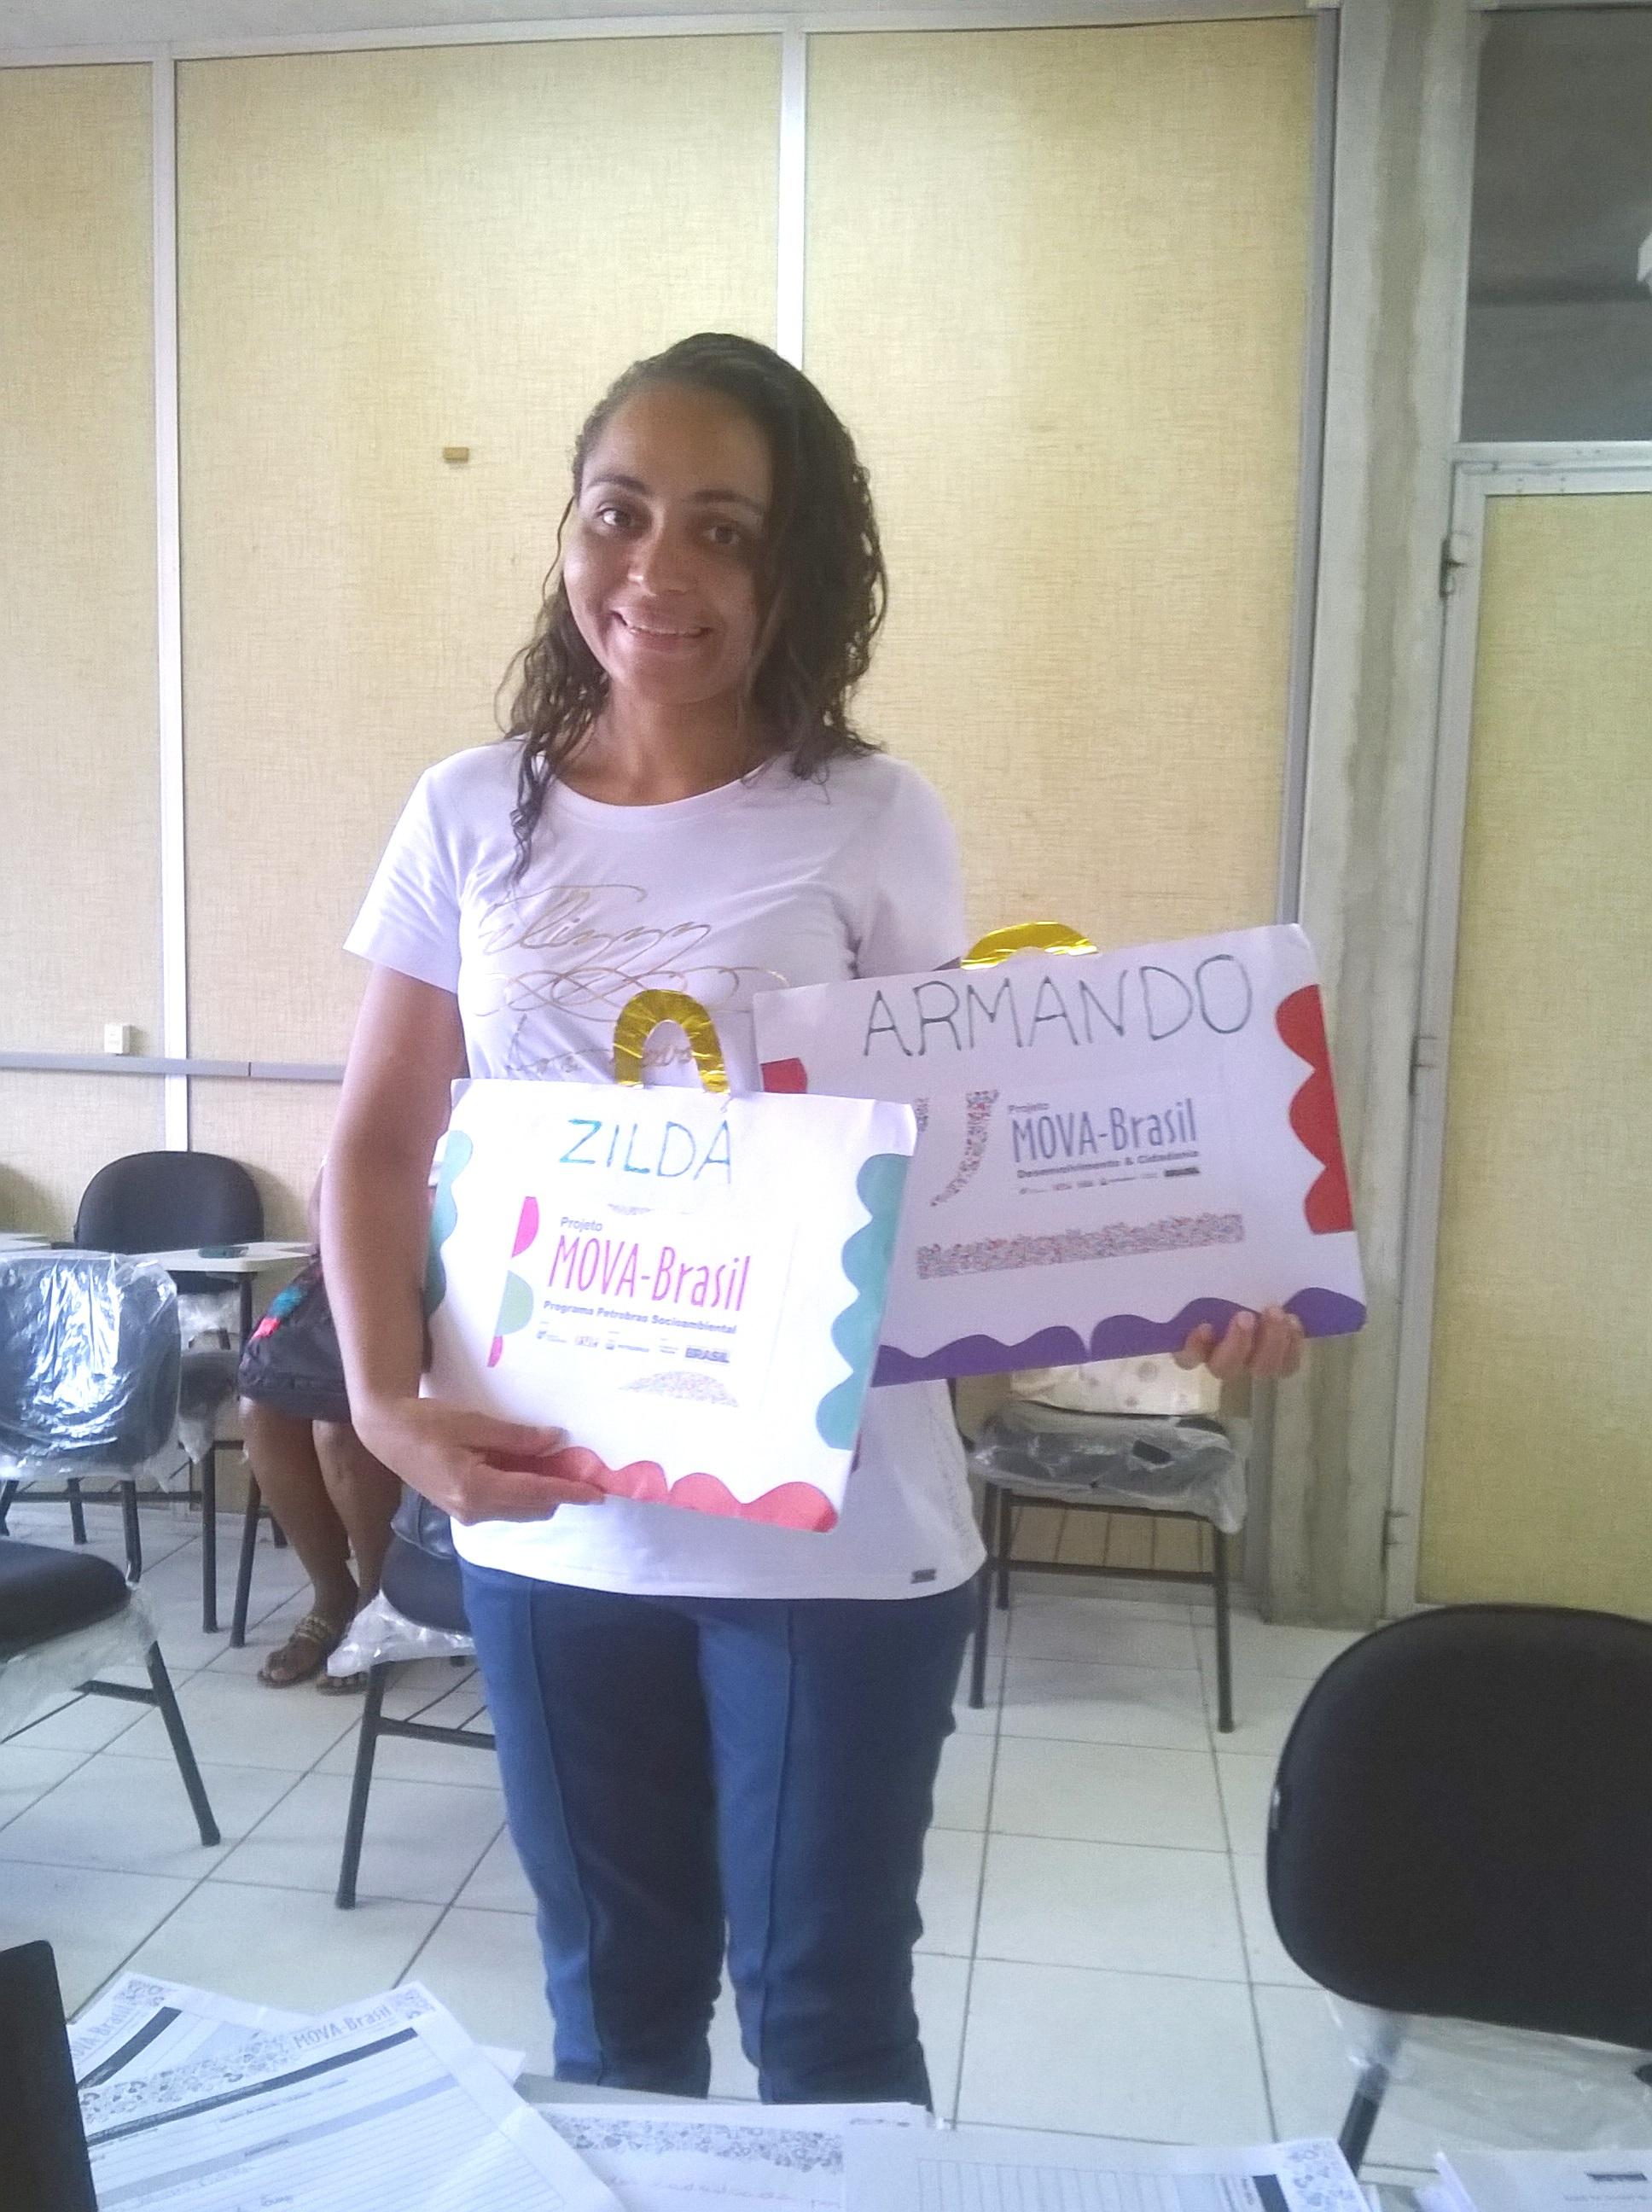 Monitora Adeildes e os portfólios dos alunos acompanhados pela coordenação local